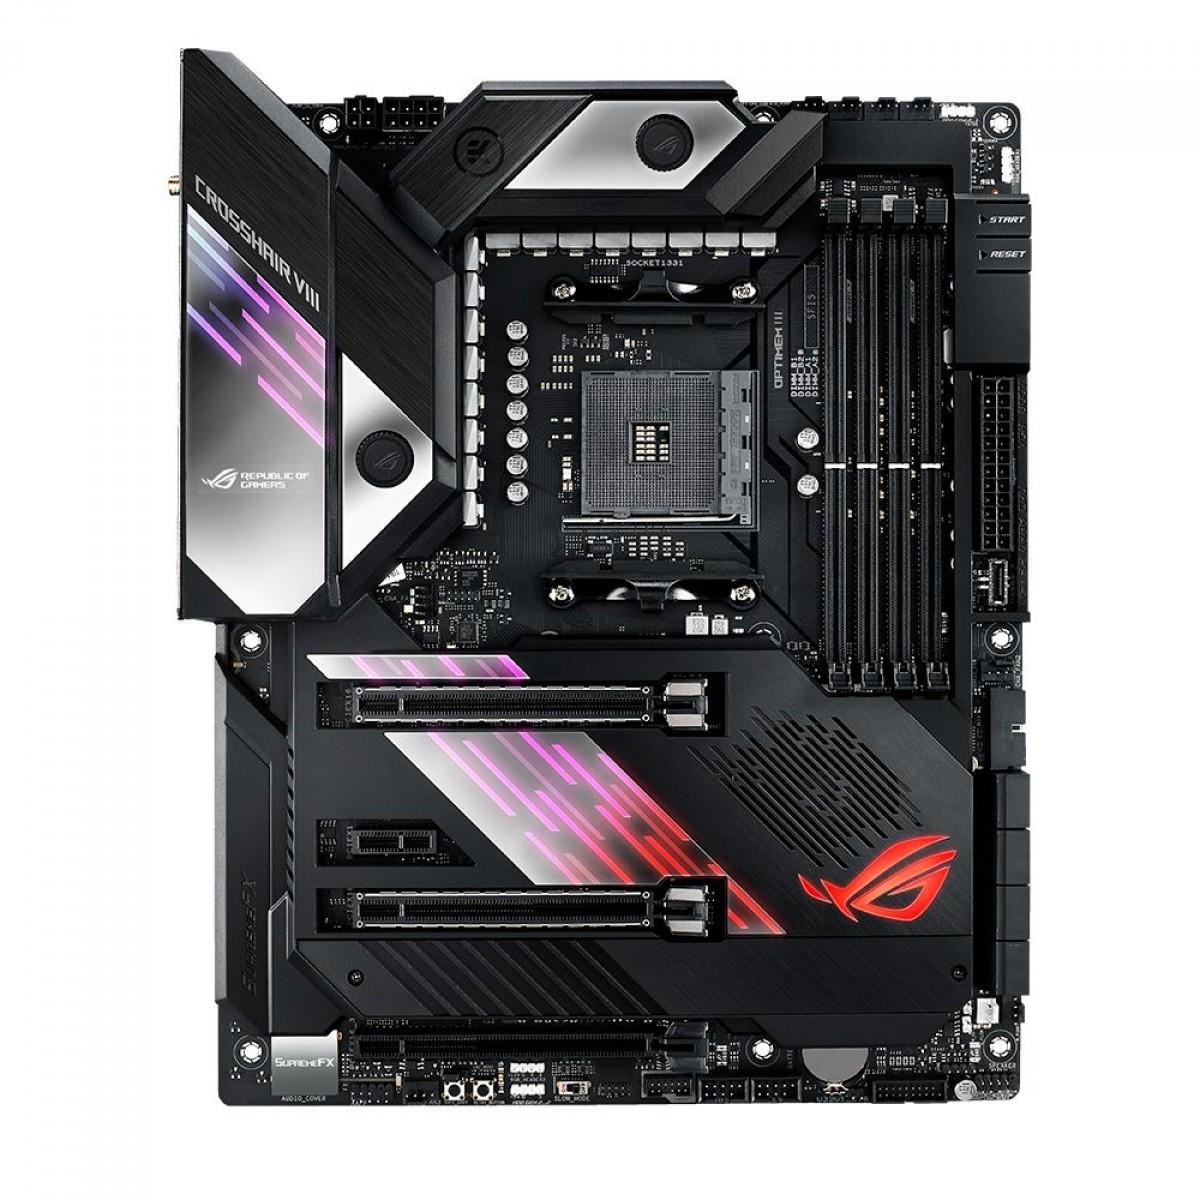 Placa Mãe Asus ROG Crosshair VIII Formula (Wi-Fi), Chipset X570, AMD AM4, ATX, DDR4